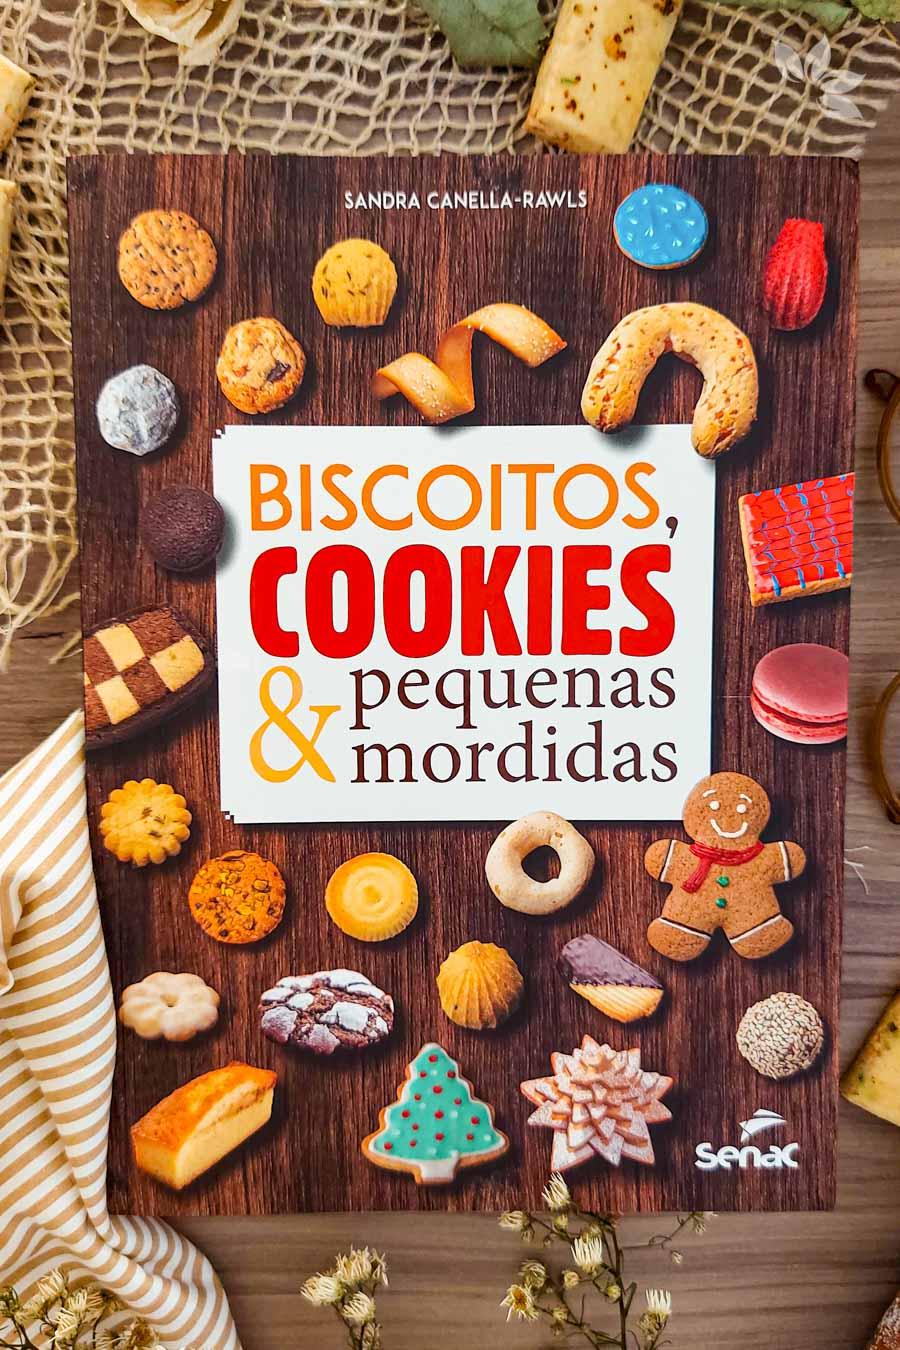 Biscoitos, cookies & pequenas mordidas